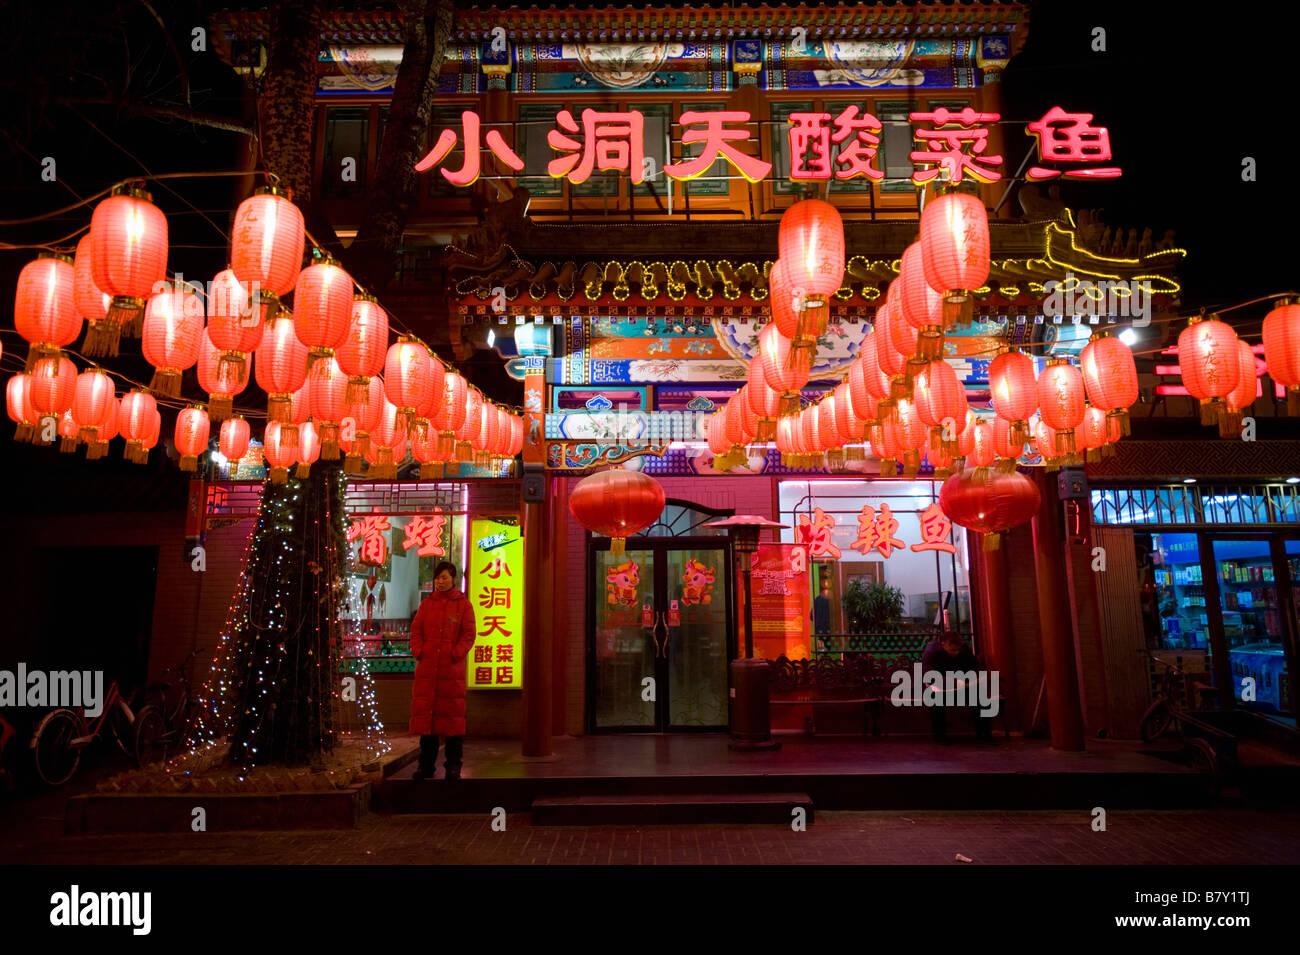 De nombreuses enseignes au néon et des lampions rouges la nuit hors restaurants sur la rue 'Ghost' Photo Stock